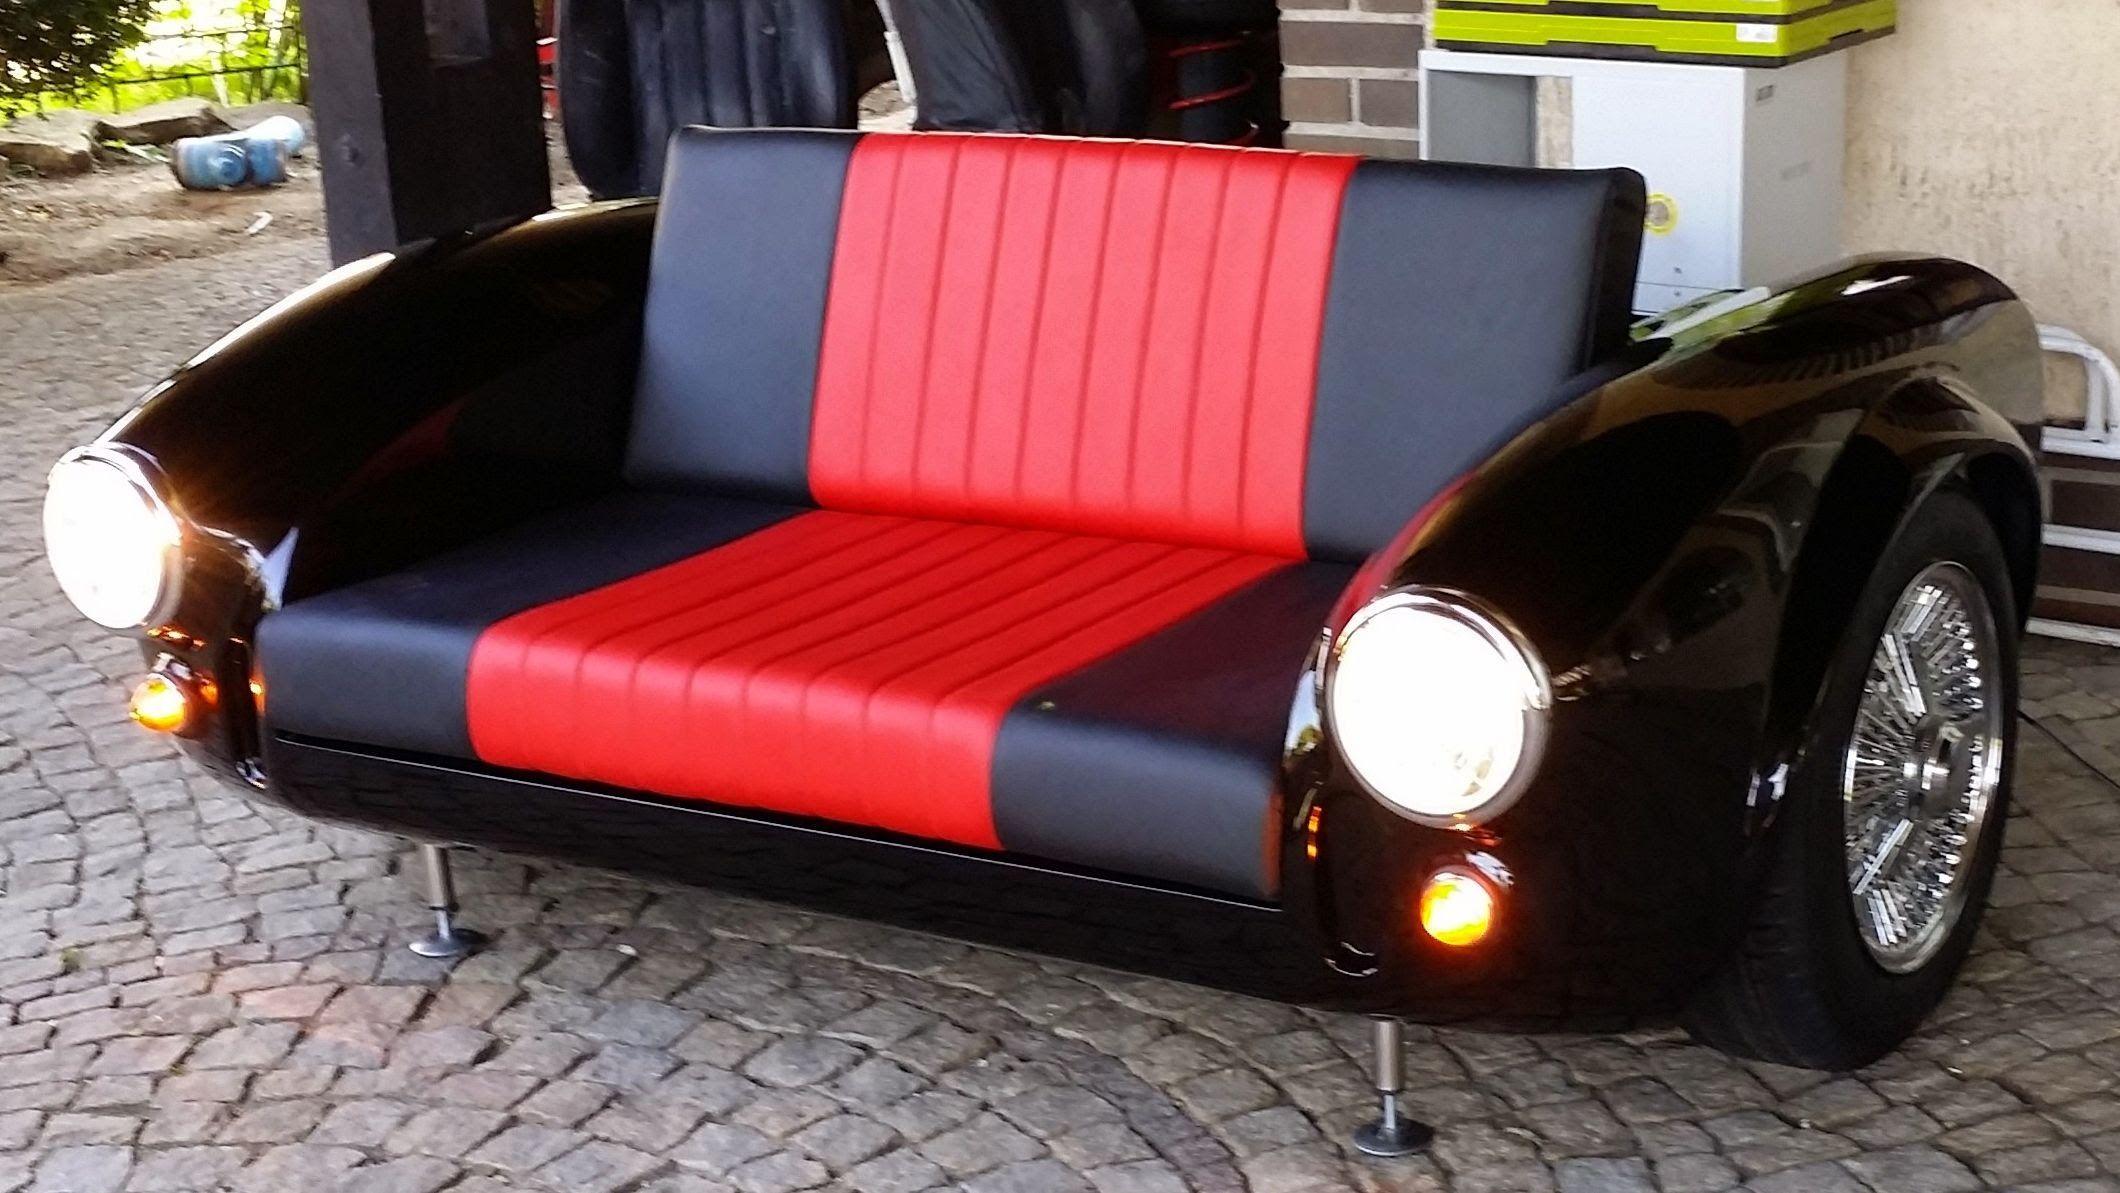 shelby ac cobra car sofa ac cobra sofa furniture cars. Black Bedroom Furniture Sets. Home Design Ideas